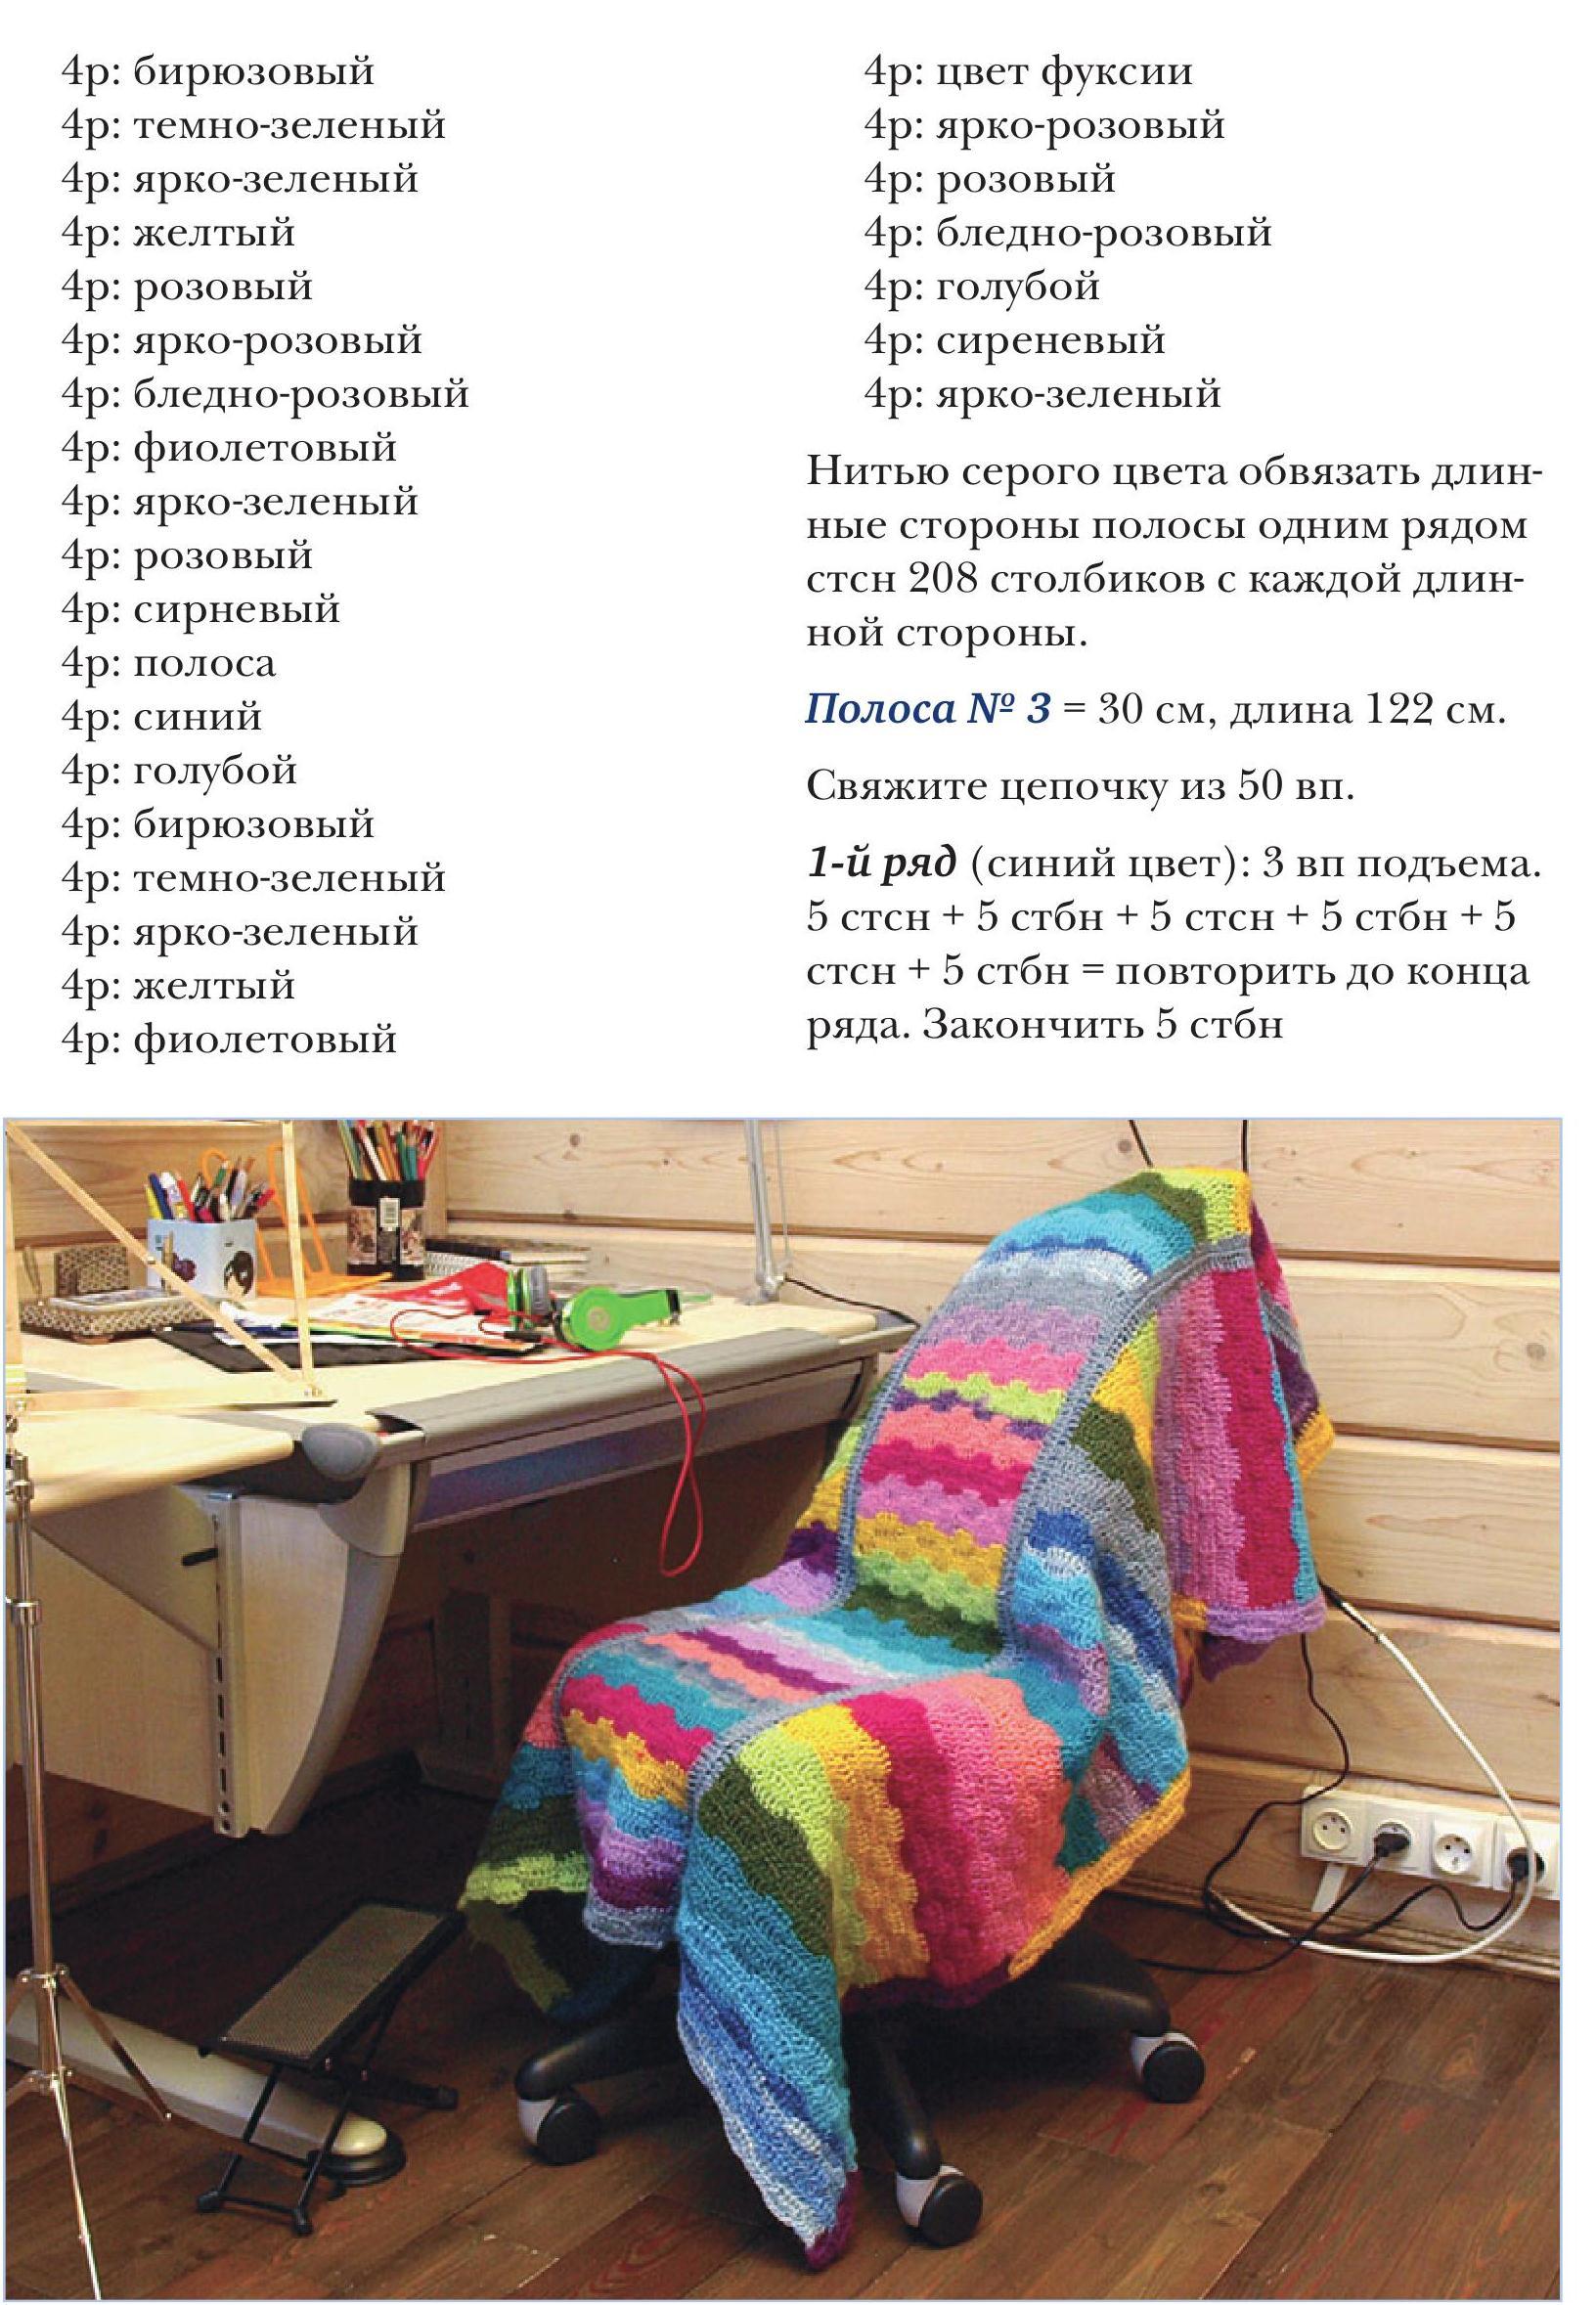 Stilnkri_40_4